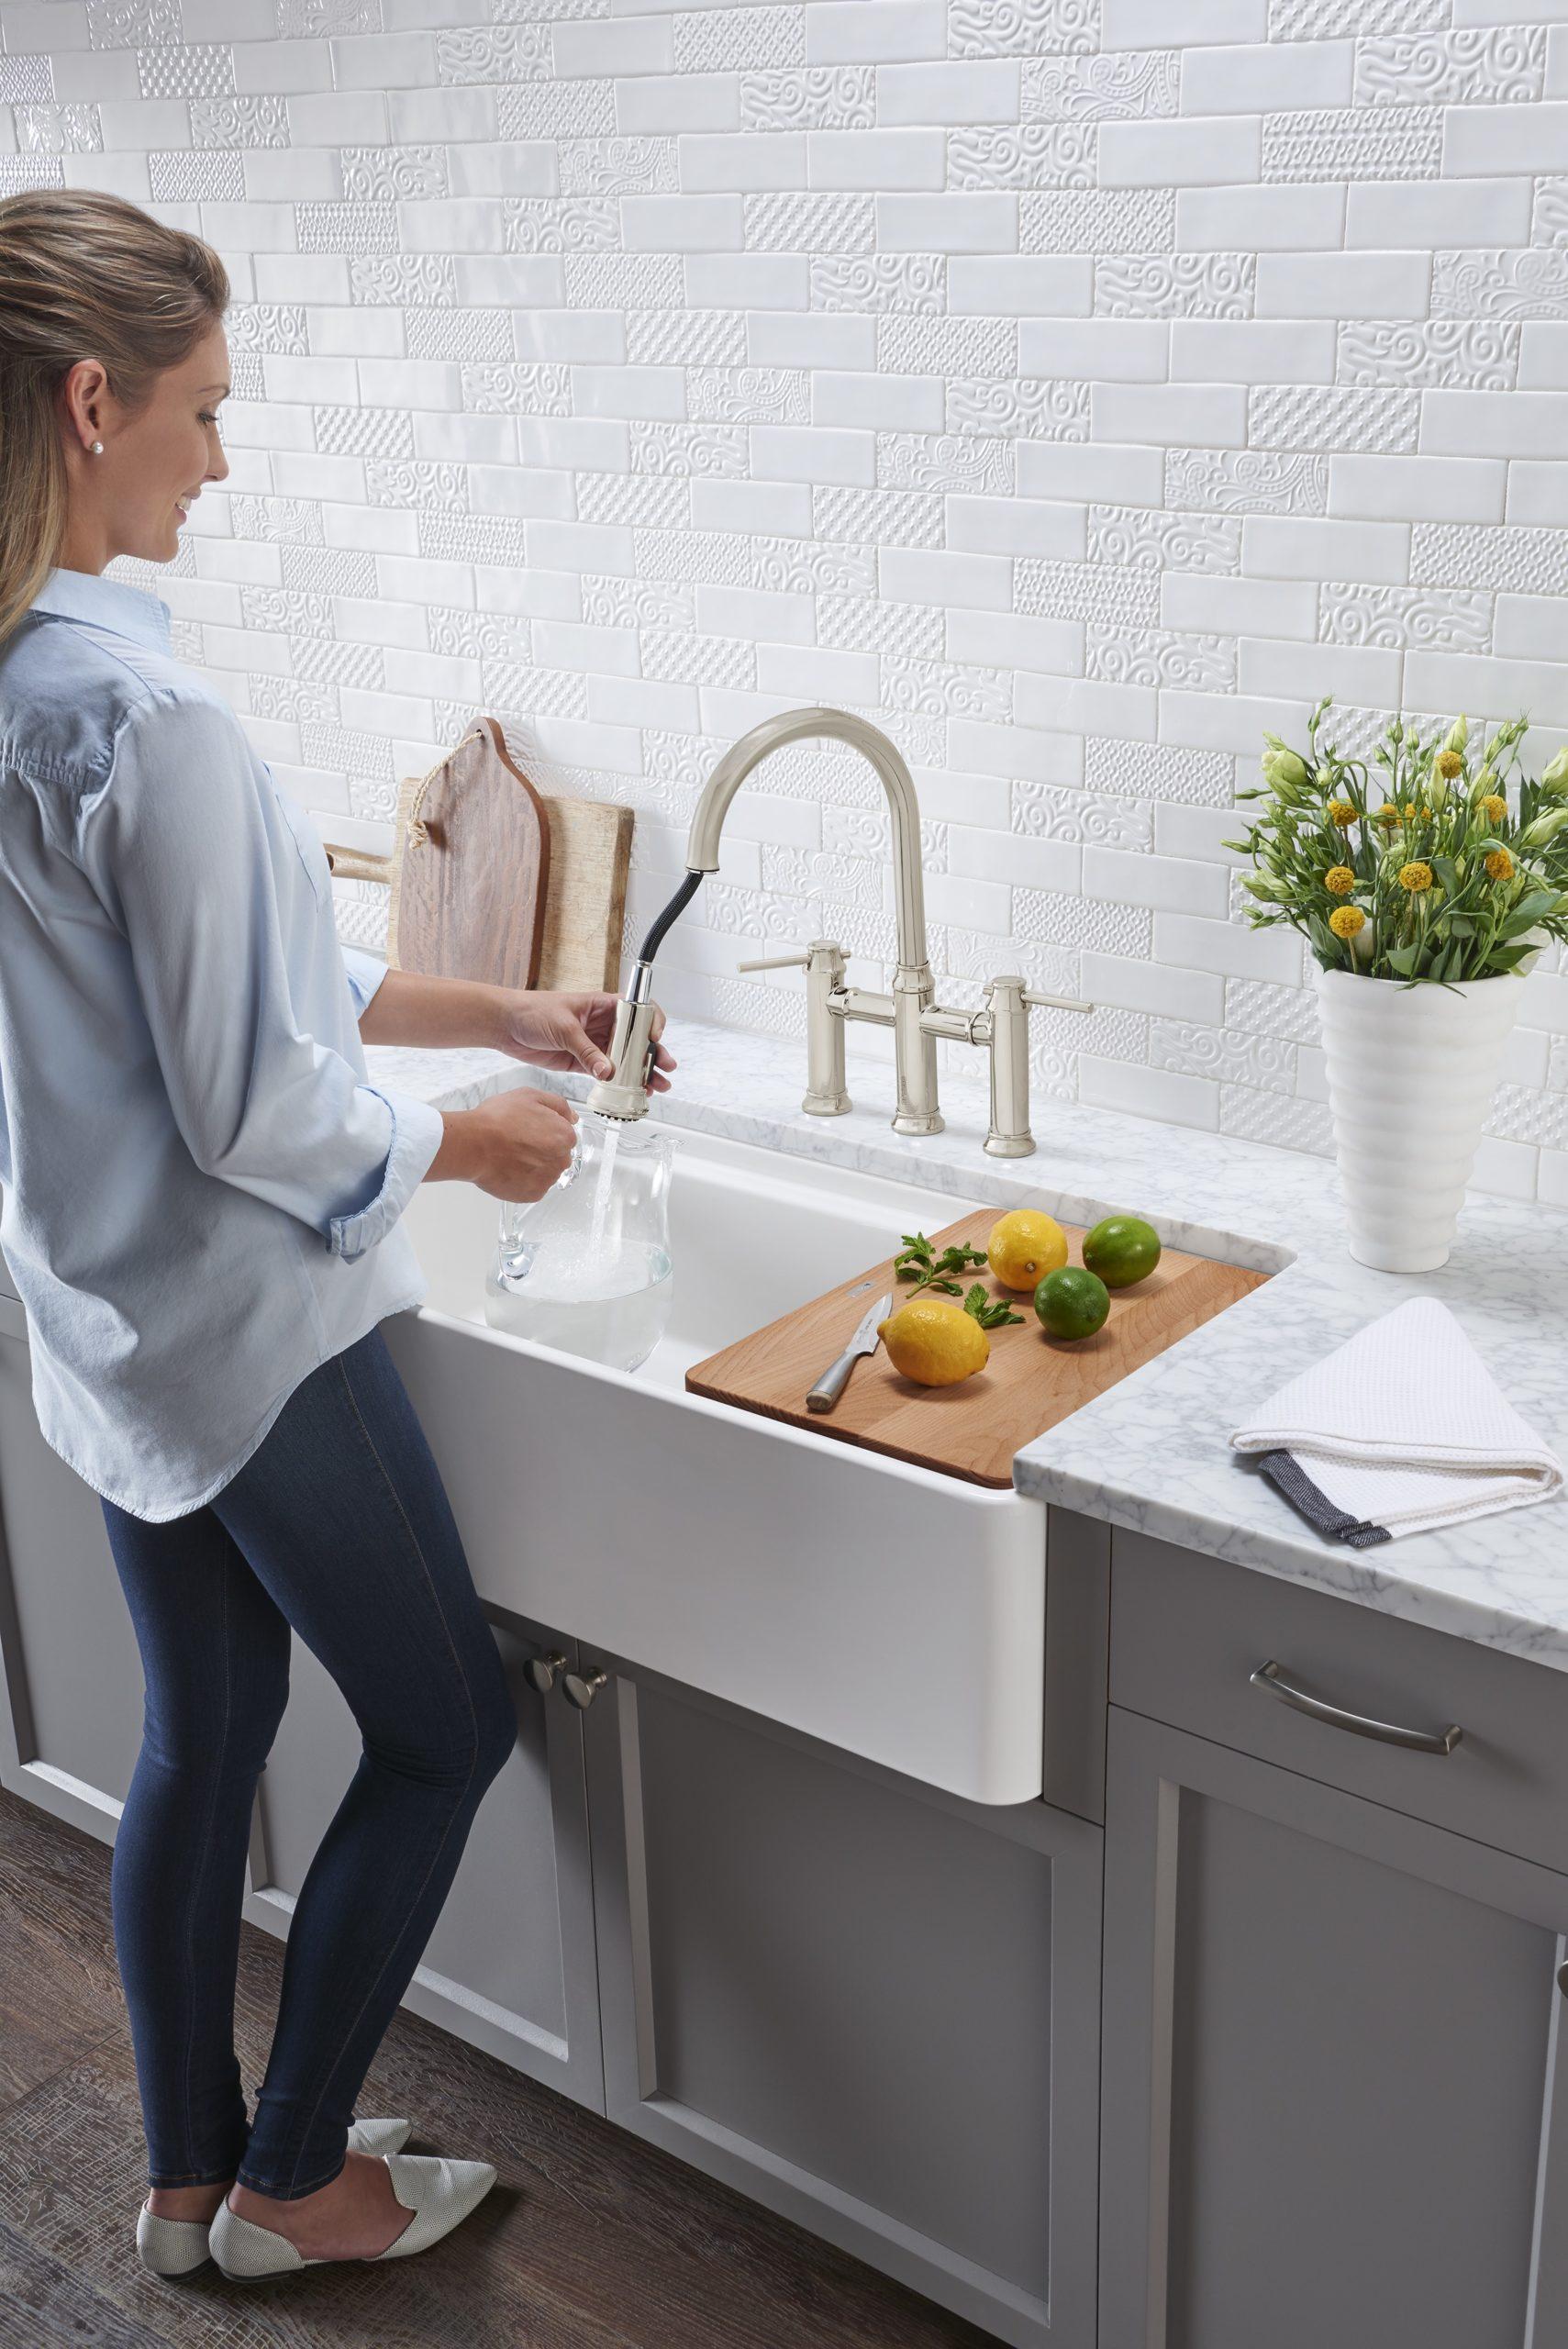 Le robinet extensible est très pratique dans la cuisine.